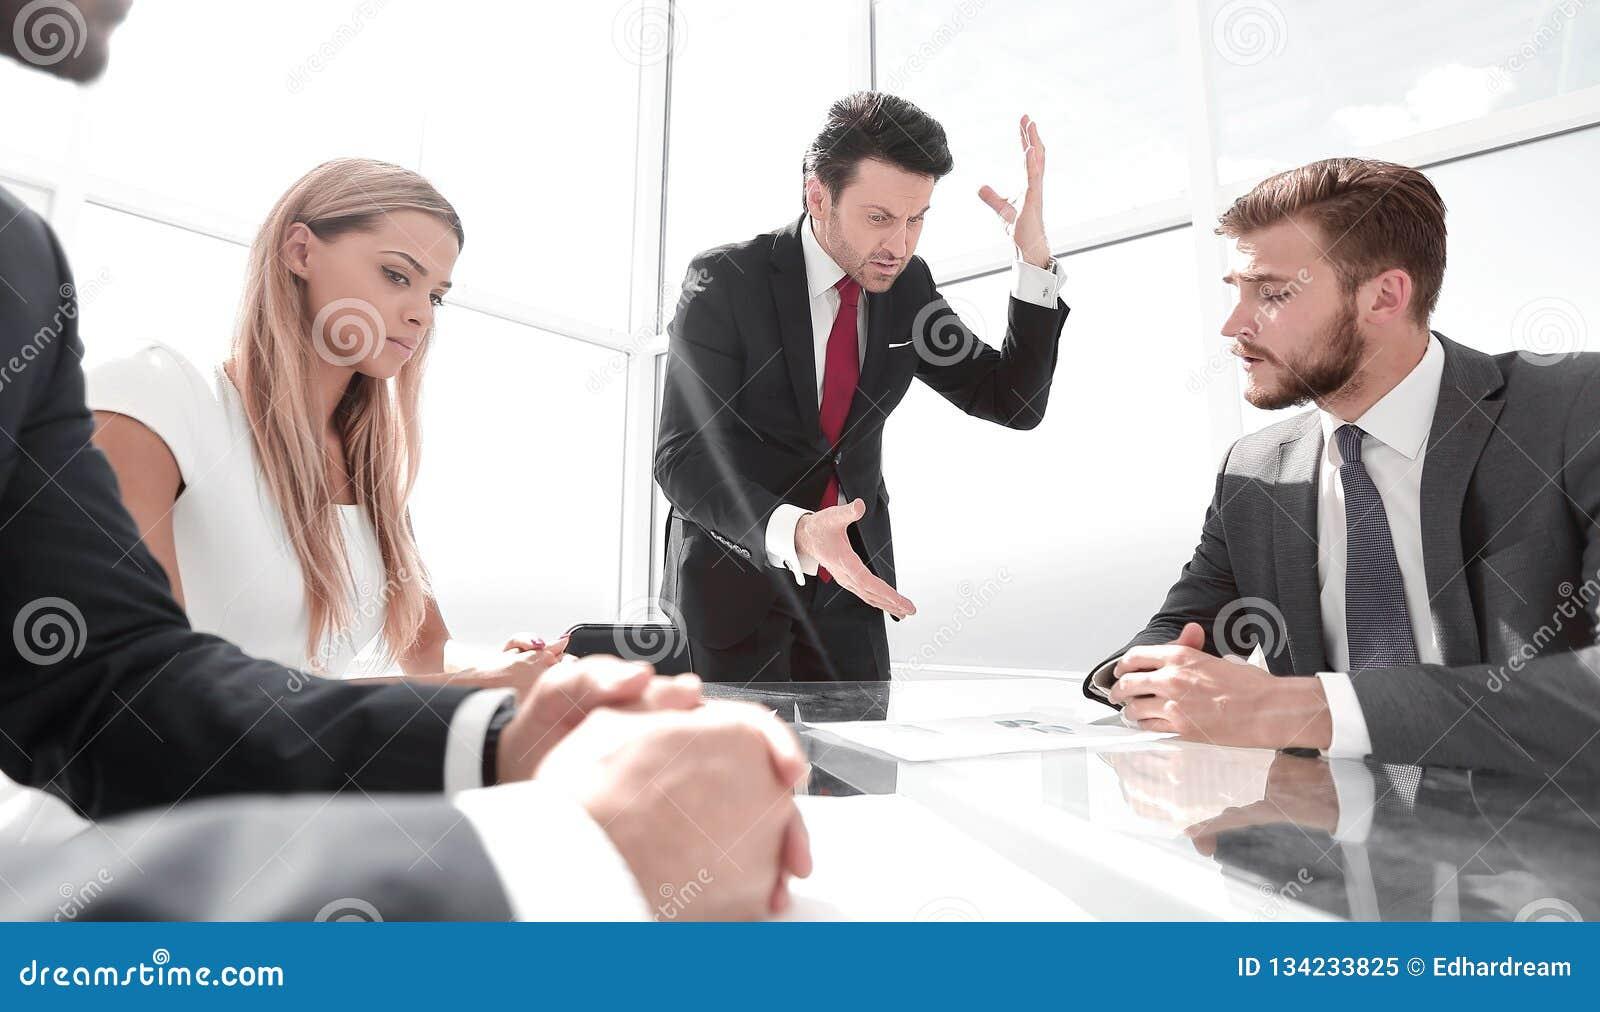 恼怒的商人在与企业队的一次工作会上